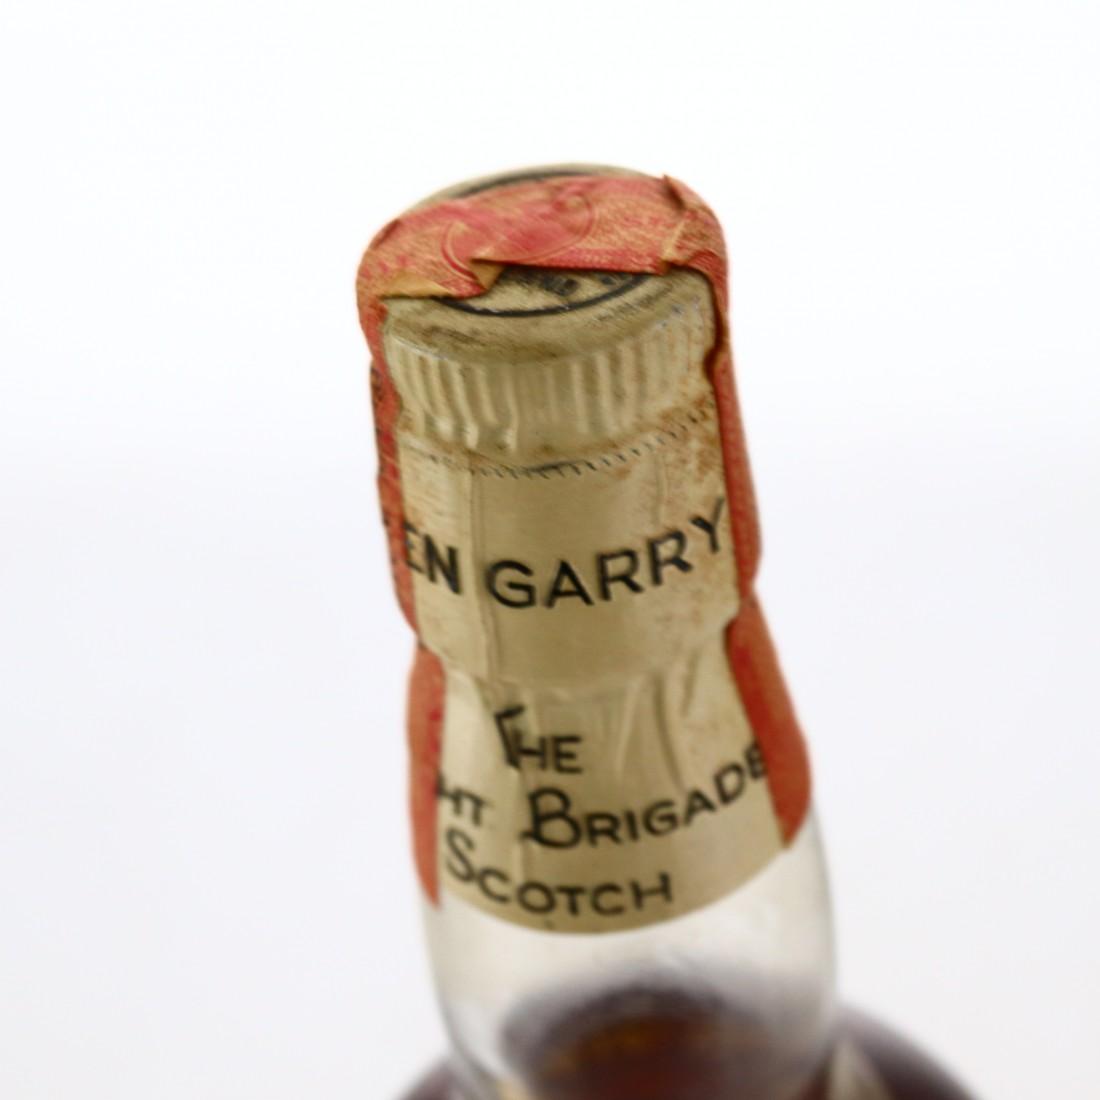 Glen Garry Scotch Whisky 1960s / US Import